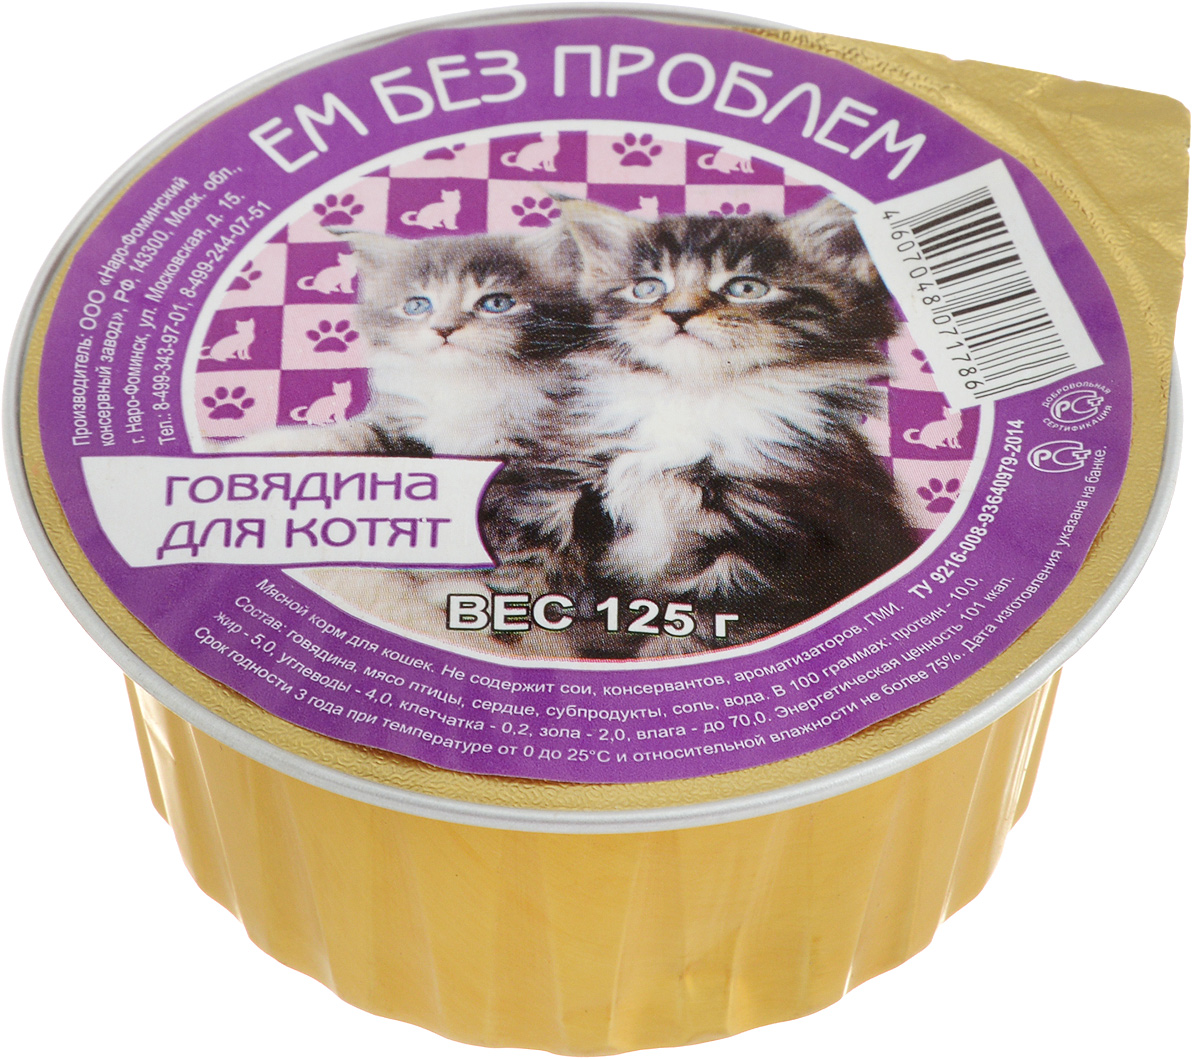 Консервы для котят Ем без проблем, с говядиной, 125 г00-00001466Консервы для котят Ем без проблем изготовлены из натурального российского мяса. Не содержат сои, консервантов, ароматизаторов и генномодифицированных продуктов. Консервы для котят представляют собой натуральный и абсолютно безвредный продукт, созданный с учетом потребностей маленького питомца. В сыром корме содержится только свежее мясо без вредных добавок. Благодаря натуральному составу консервированным кормам свойственно насыщение натуральными белками, которые нужны вашему щенку на этапе взросления и физического развития.Состав: говядина, мясо птицы, сердце, субпродукты, мука, соль. Пищевая ценность: протеин 10%, жир 5%, углеводы 4%, клетчатка 0,2%, зола 2%, влага до 70%.Вес: 125 г.Товар сертифицирован.